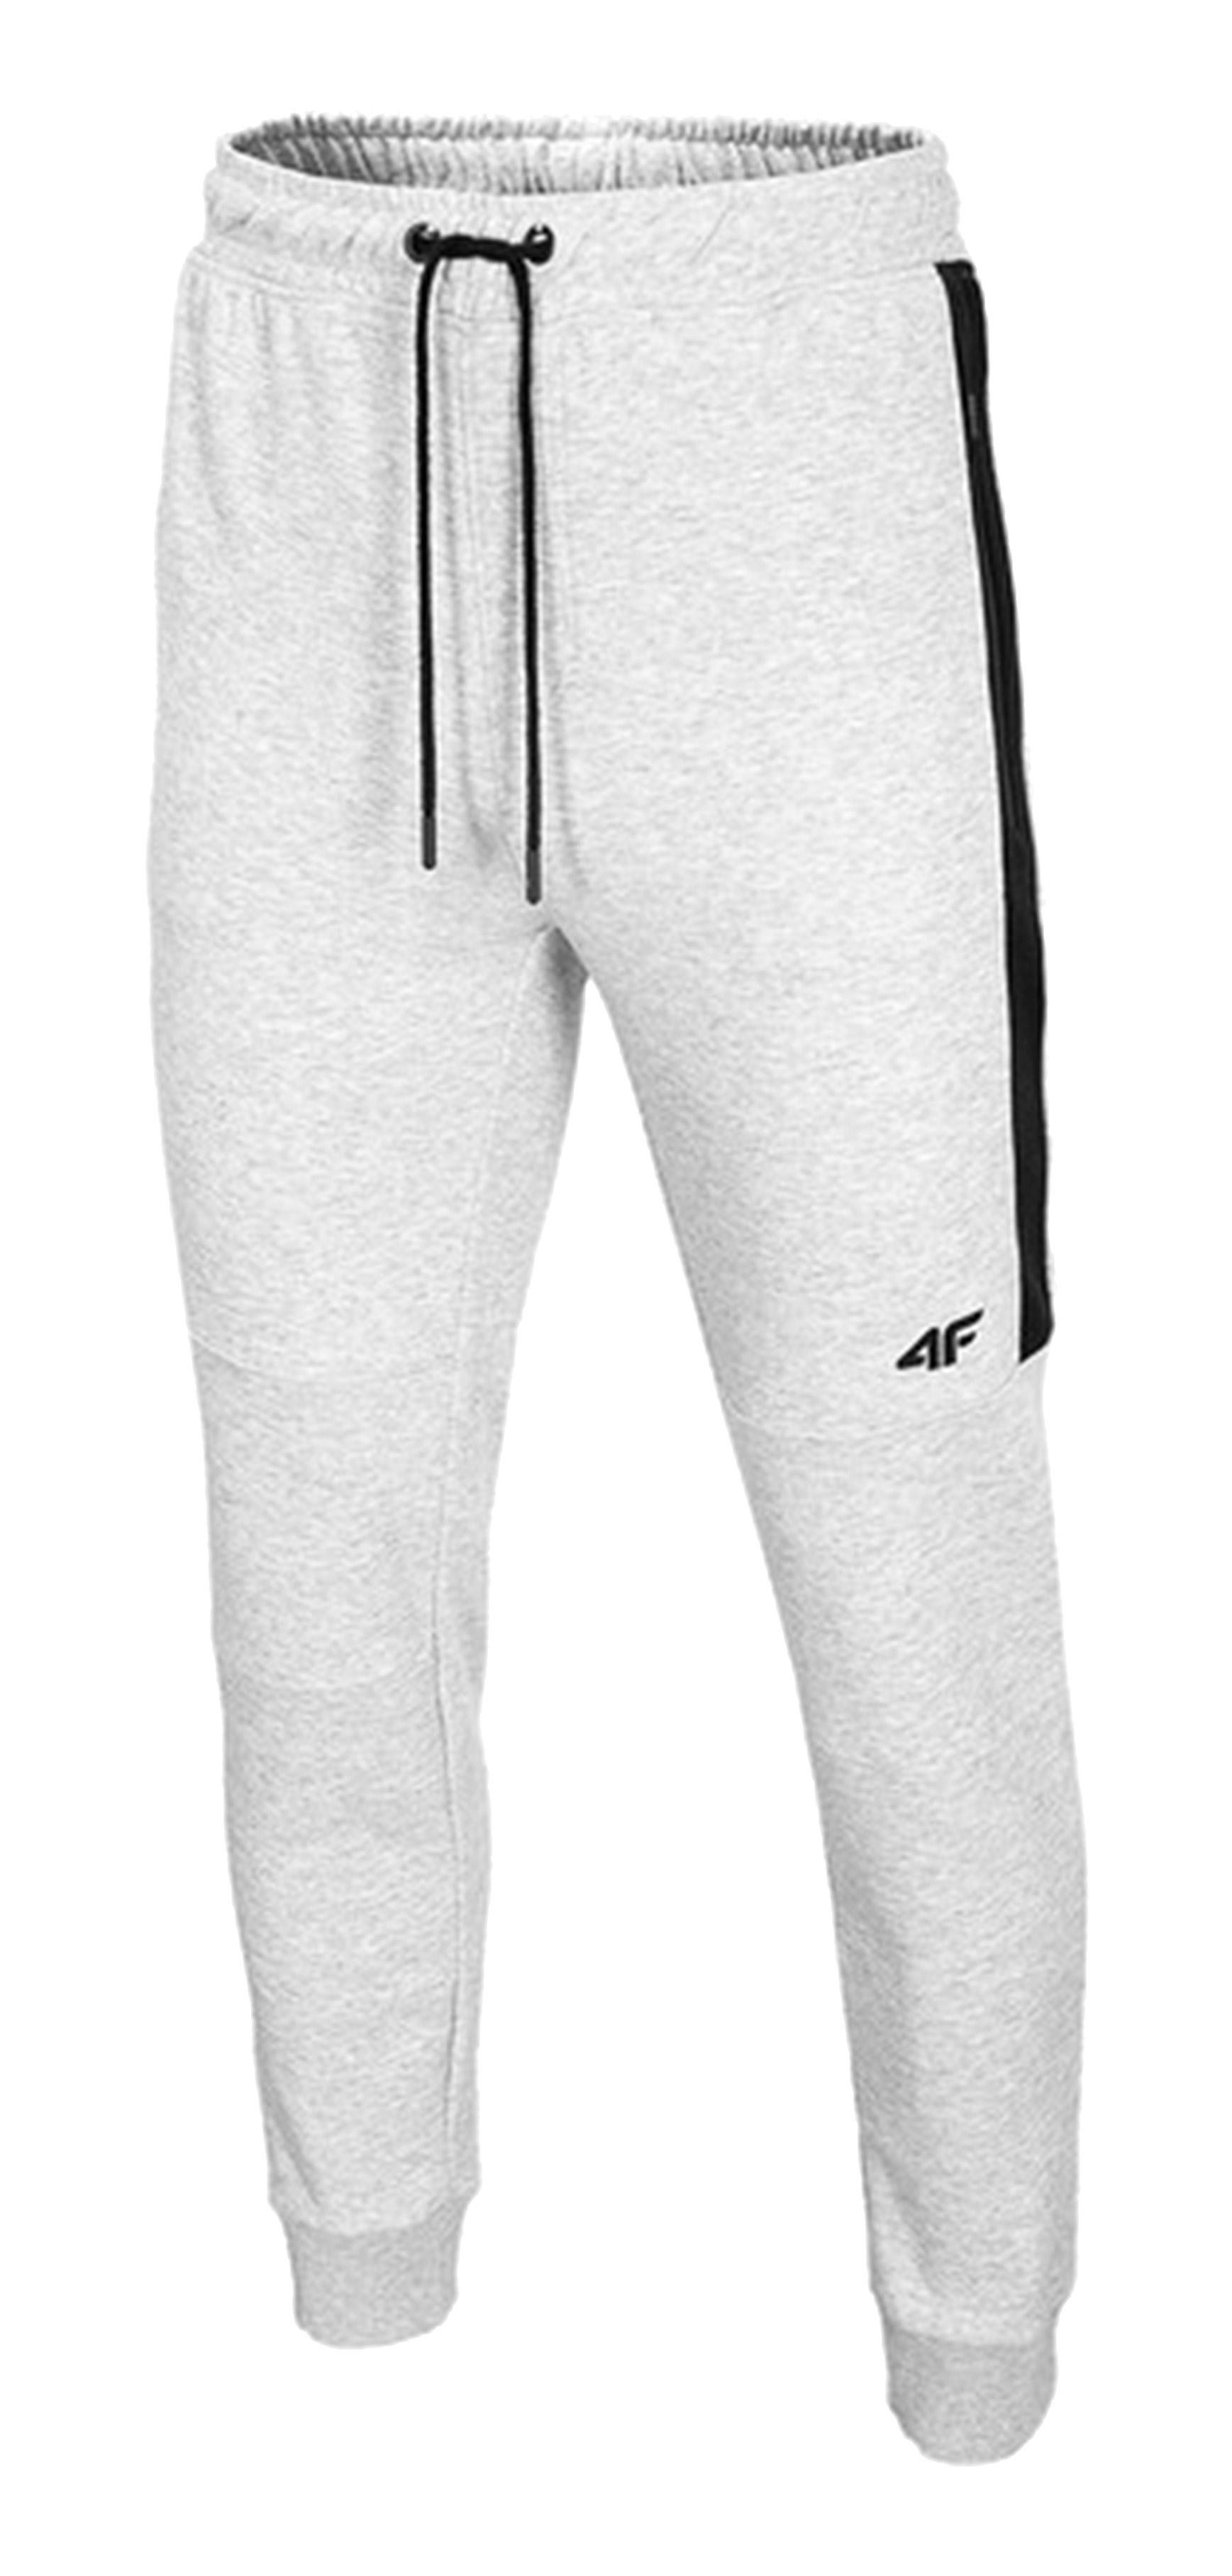 מכנסיים ארוכים פור אף לגברים 4F SPODNIE - אפור בהיר